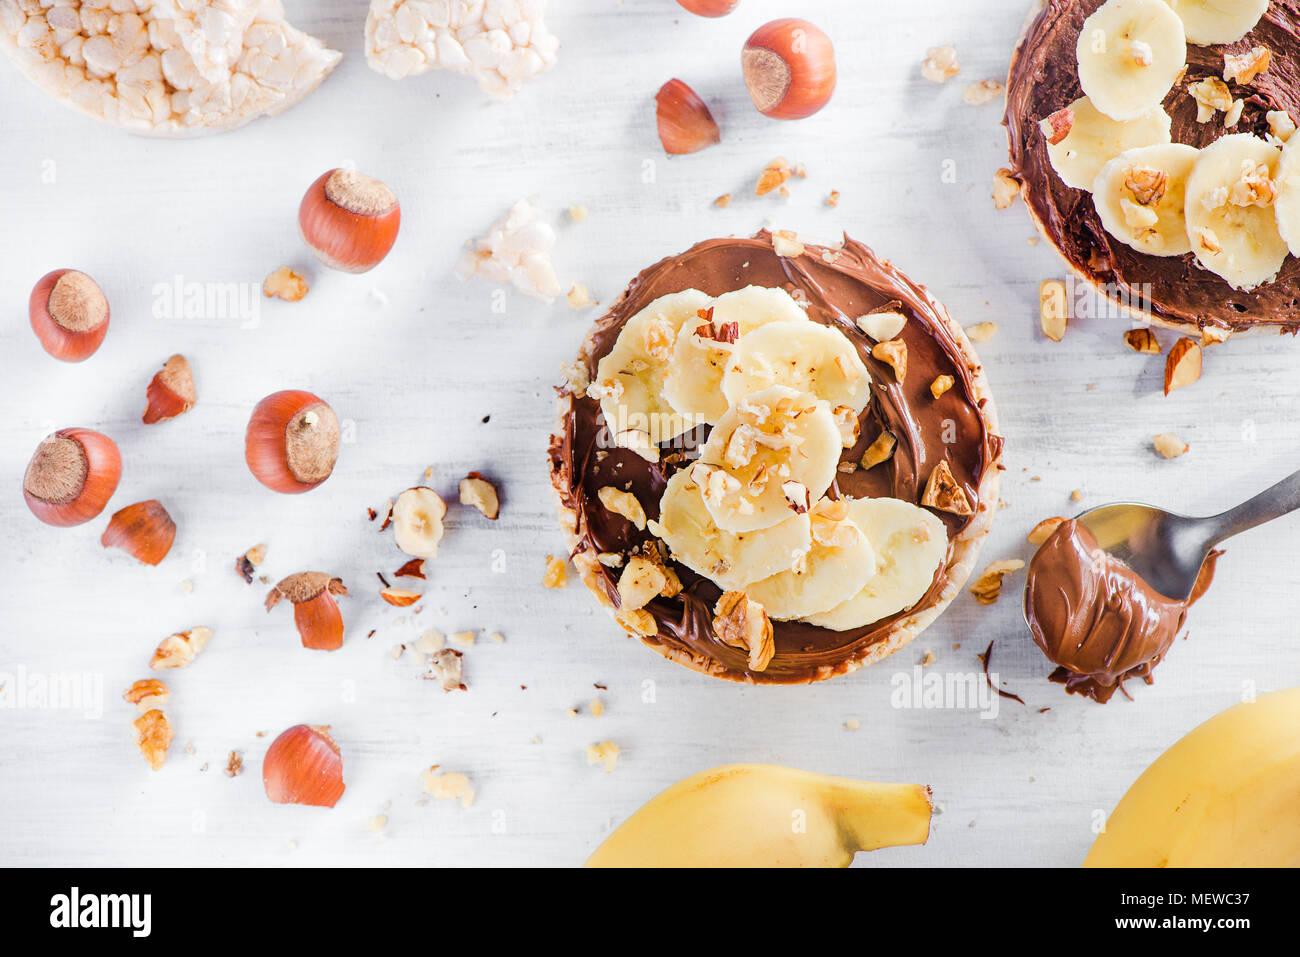 Knackebrot Banane Und Schokolade Snacks Gesundes Fruhstuck Mit